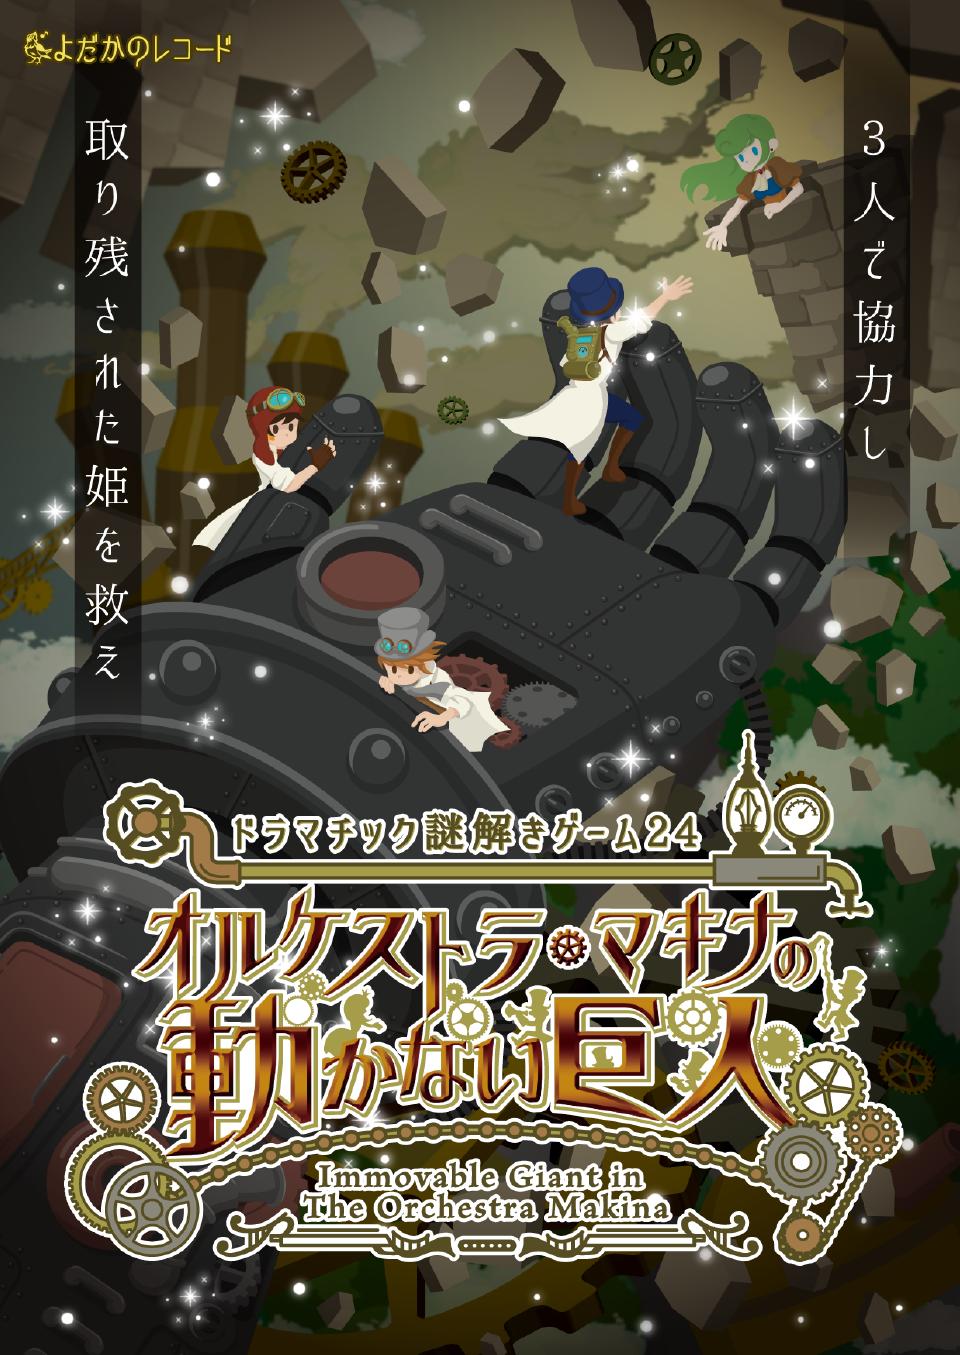 ドラマチック謎解きゲーム24 「オルケストラ・マキナの動かない巨人」追加公演